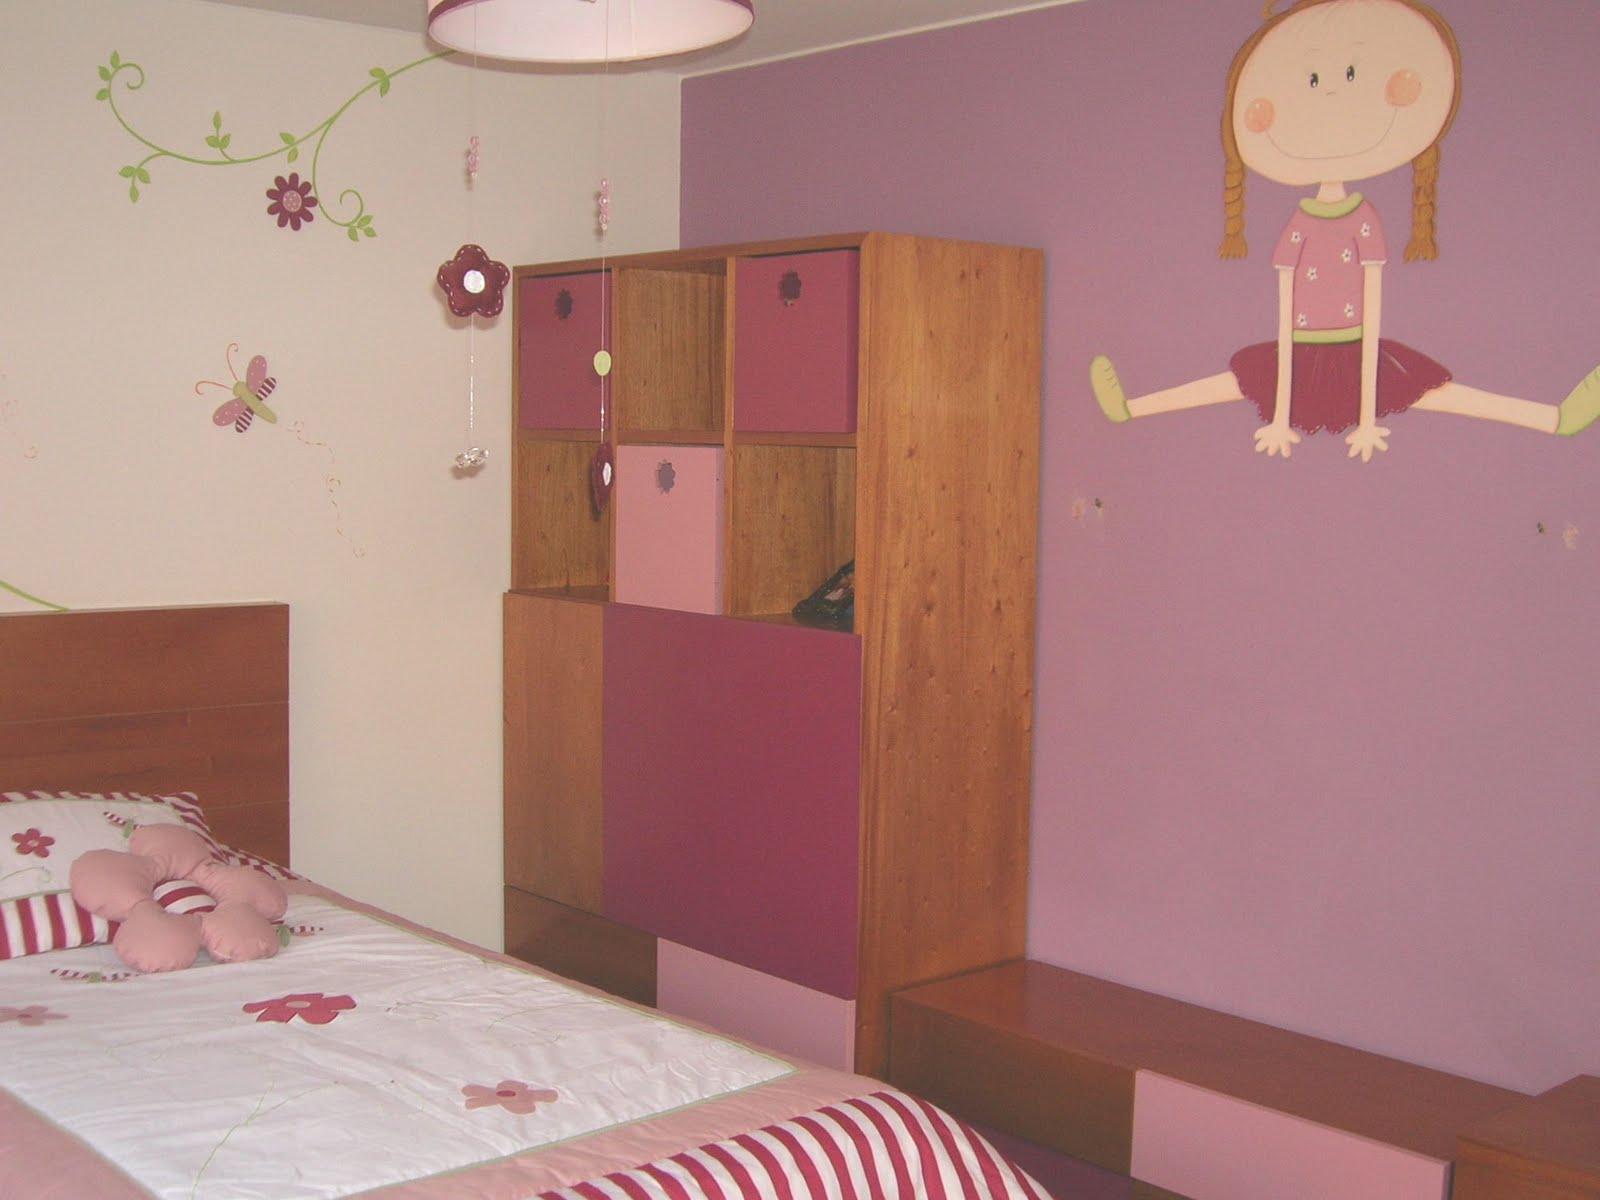 Dise o de interiores dormitorios infantiles ni as - Dormitorios infantiles ninas ...